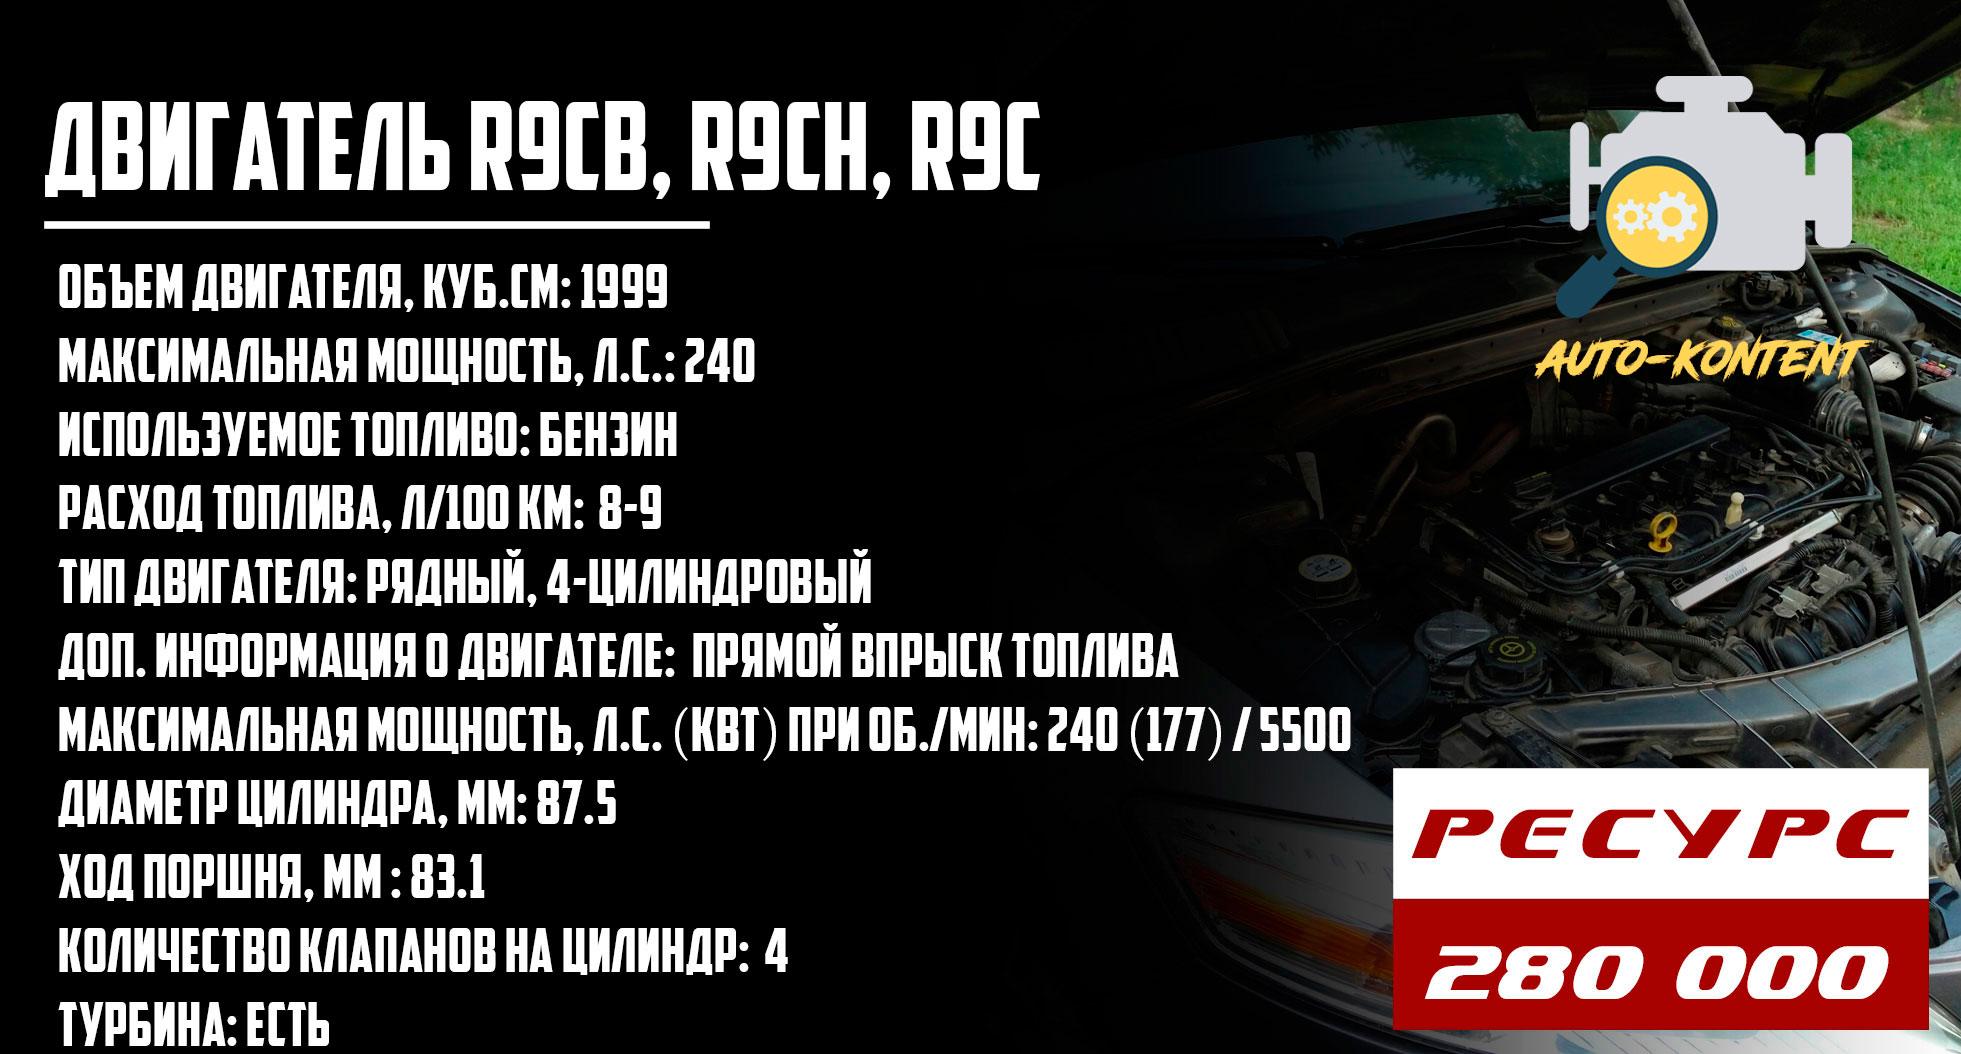 ресурс двигателя R9CB, R9CH, R9C